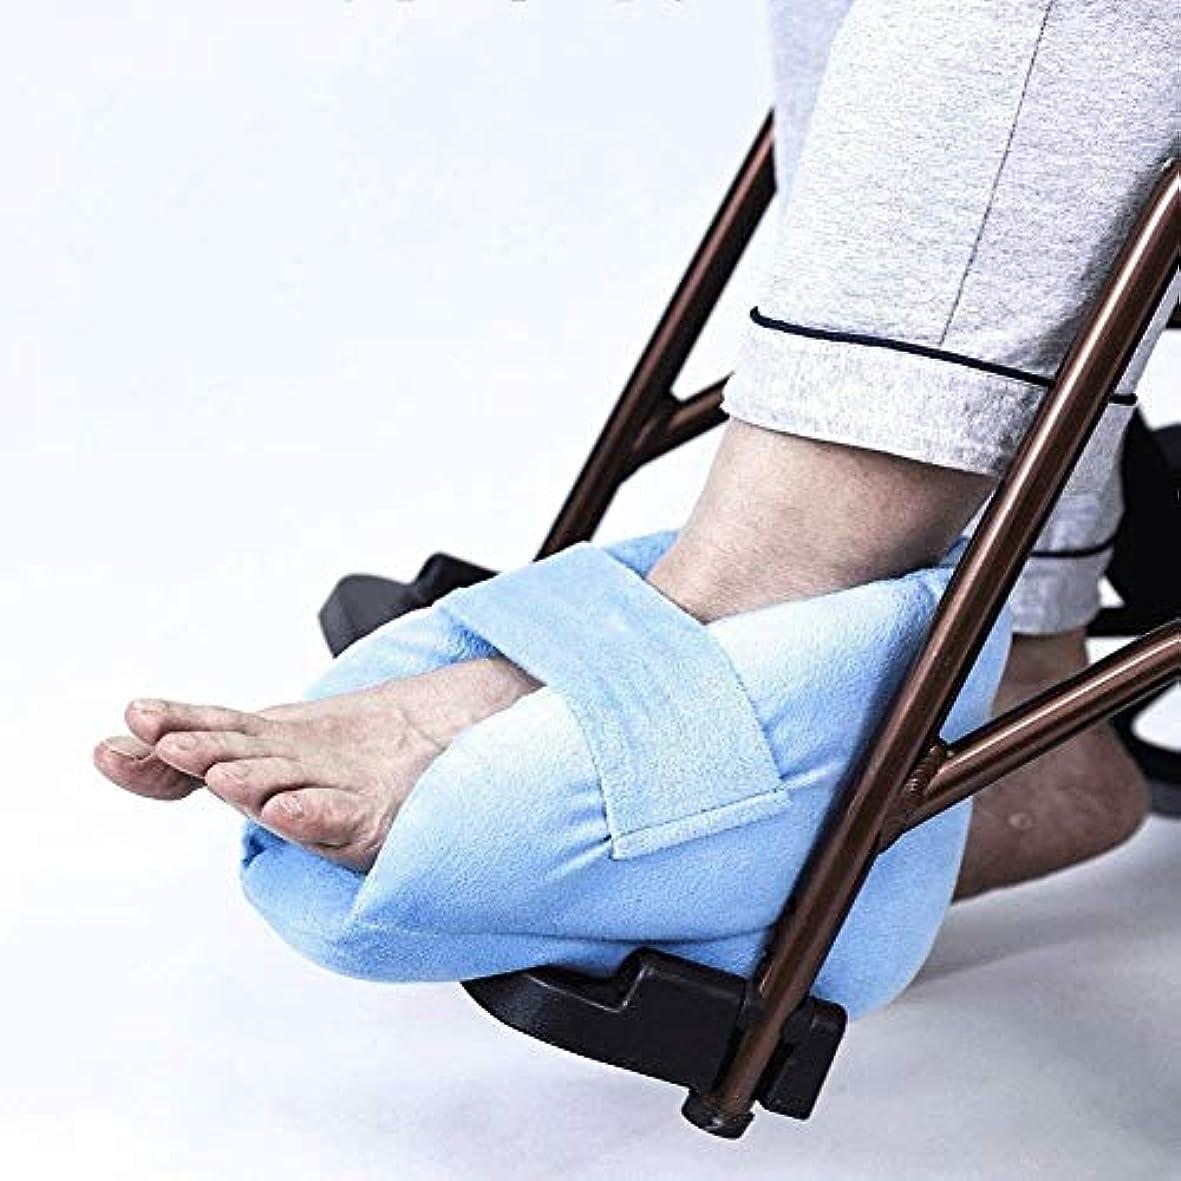 太平洋諸島アンケート賛美歌かかとプロテクター枕、足補正カバー圧痛とかかと潰瘍の救済 高弾性スポンジ充填、ライトブルー-1ペア